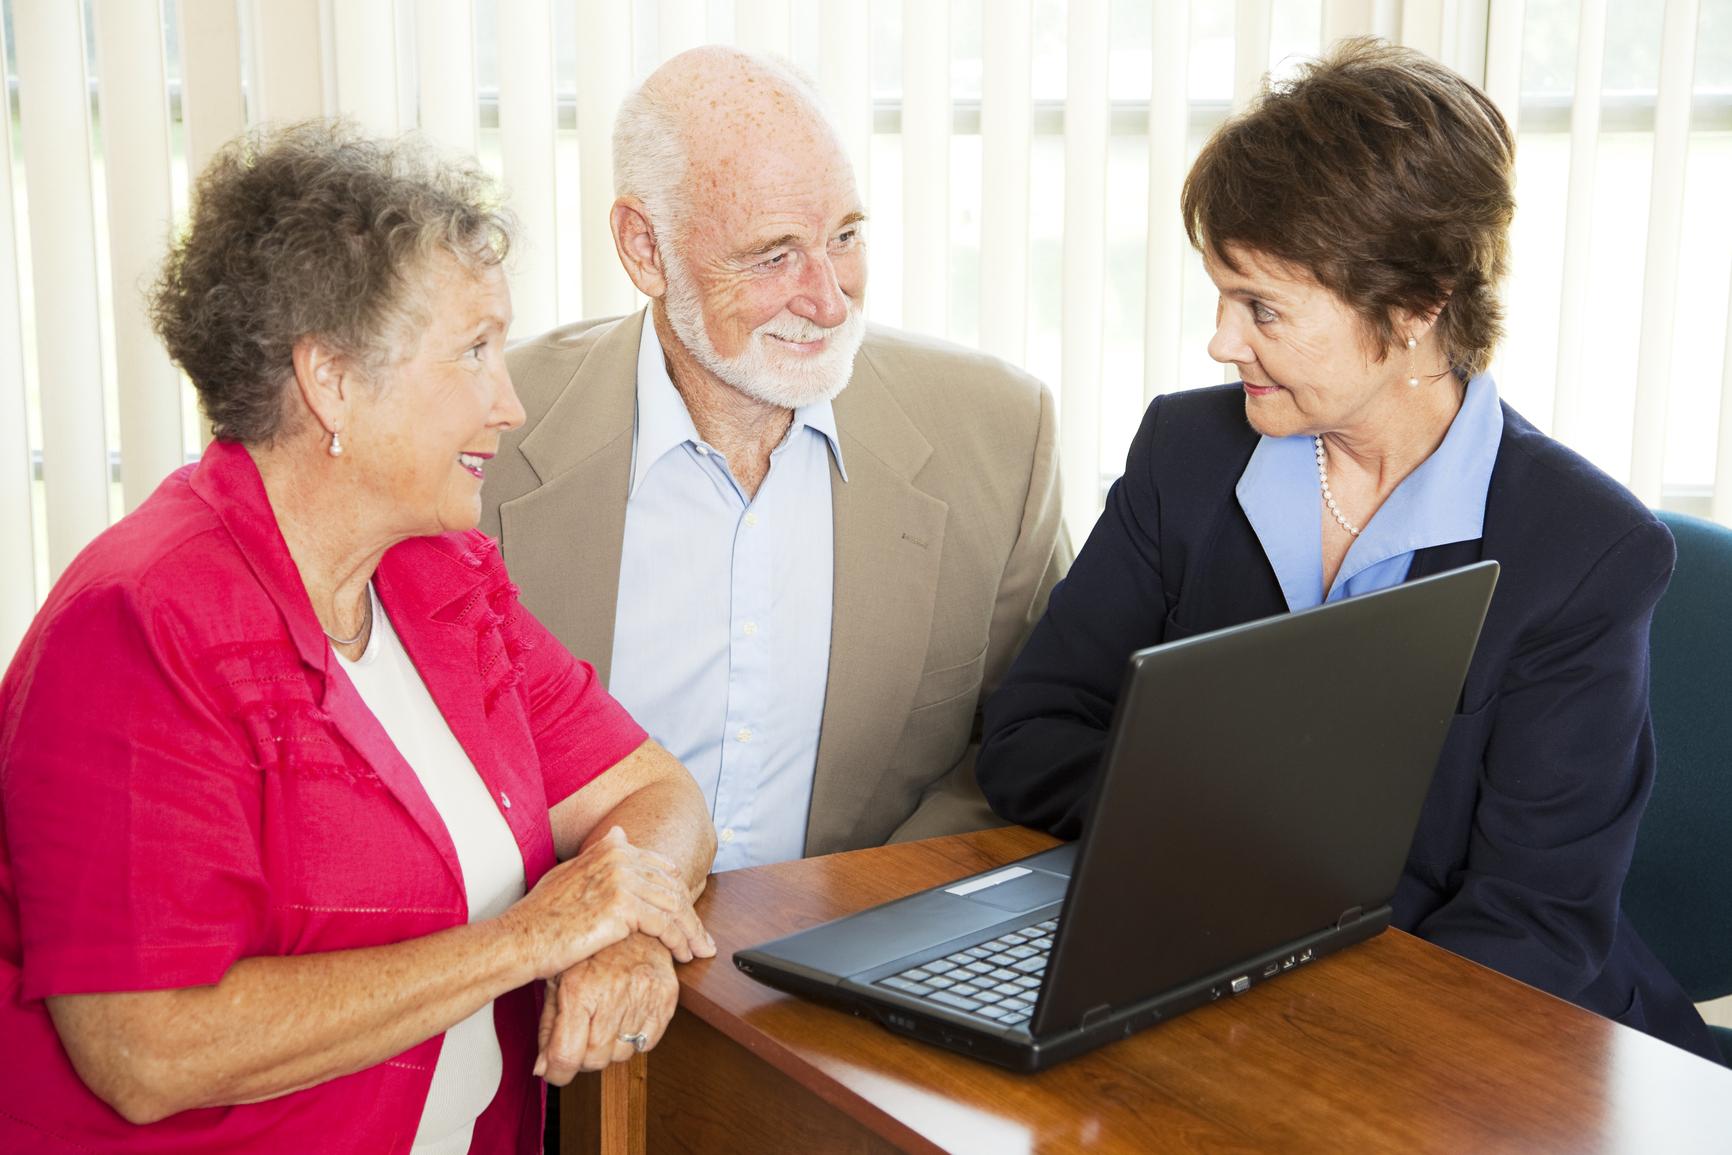 С 1 октября начинают работать консультационные пункты службы занятости и органов соцзащиты